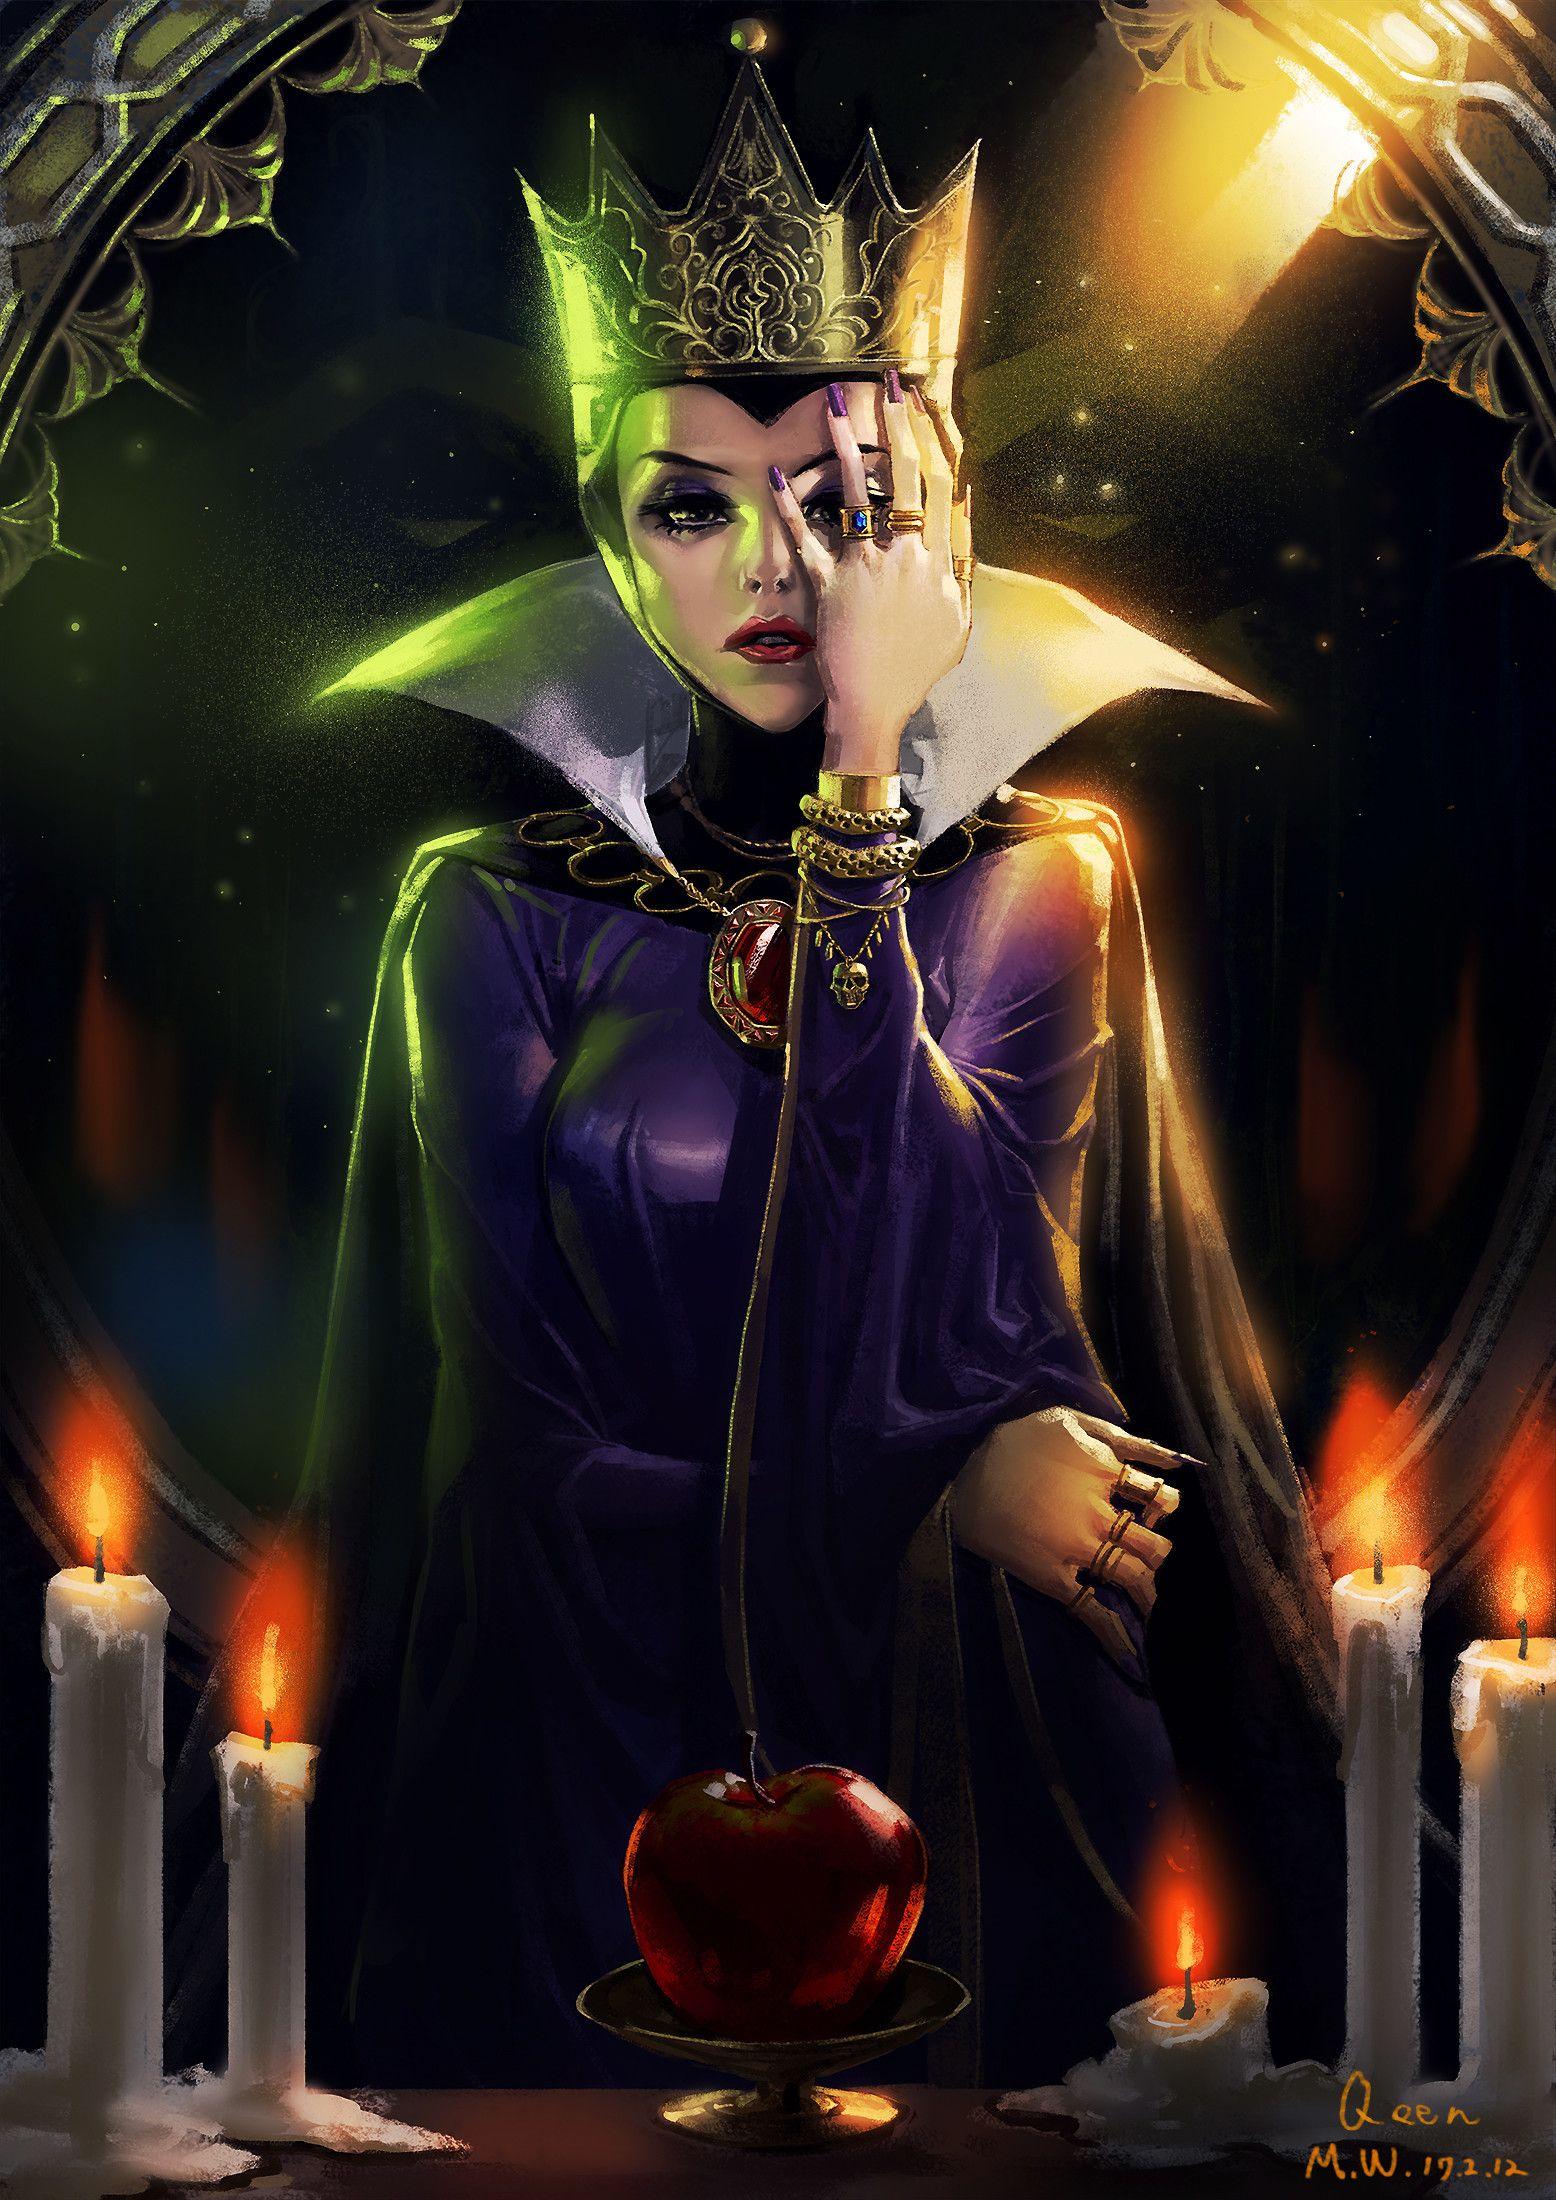 Evil Queen by Minwoo Kim | Disney evil queen, Disney ...Disney Evil Queen Art